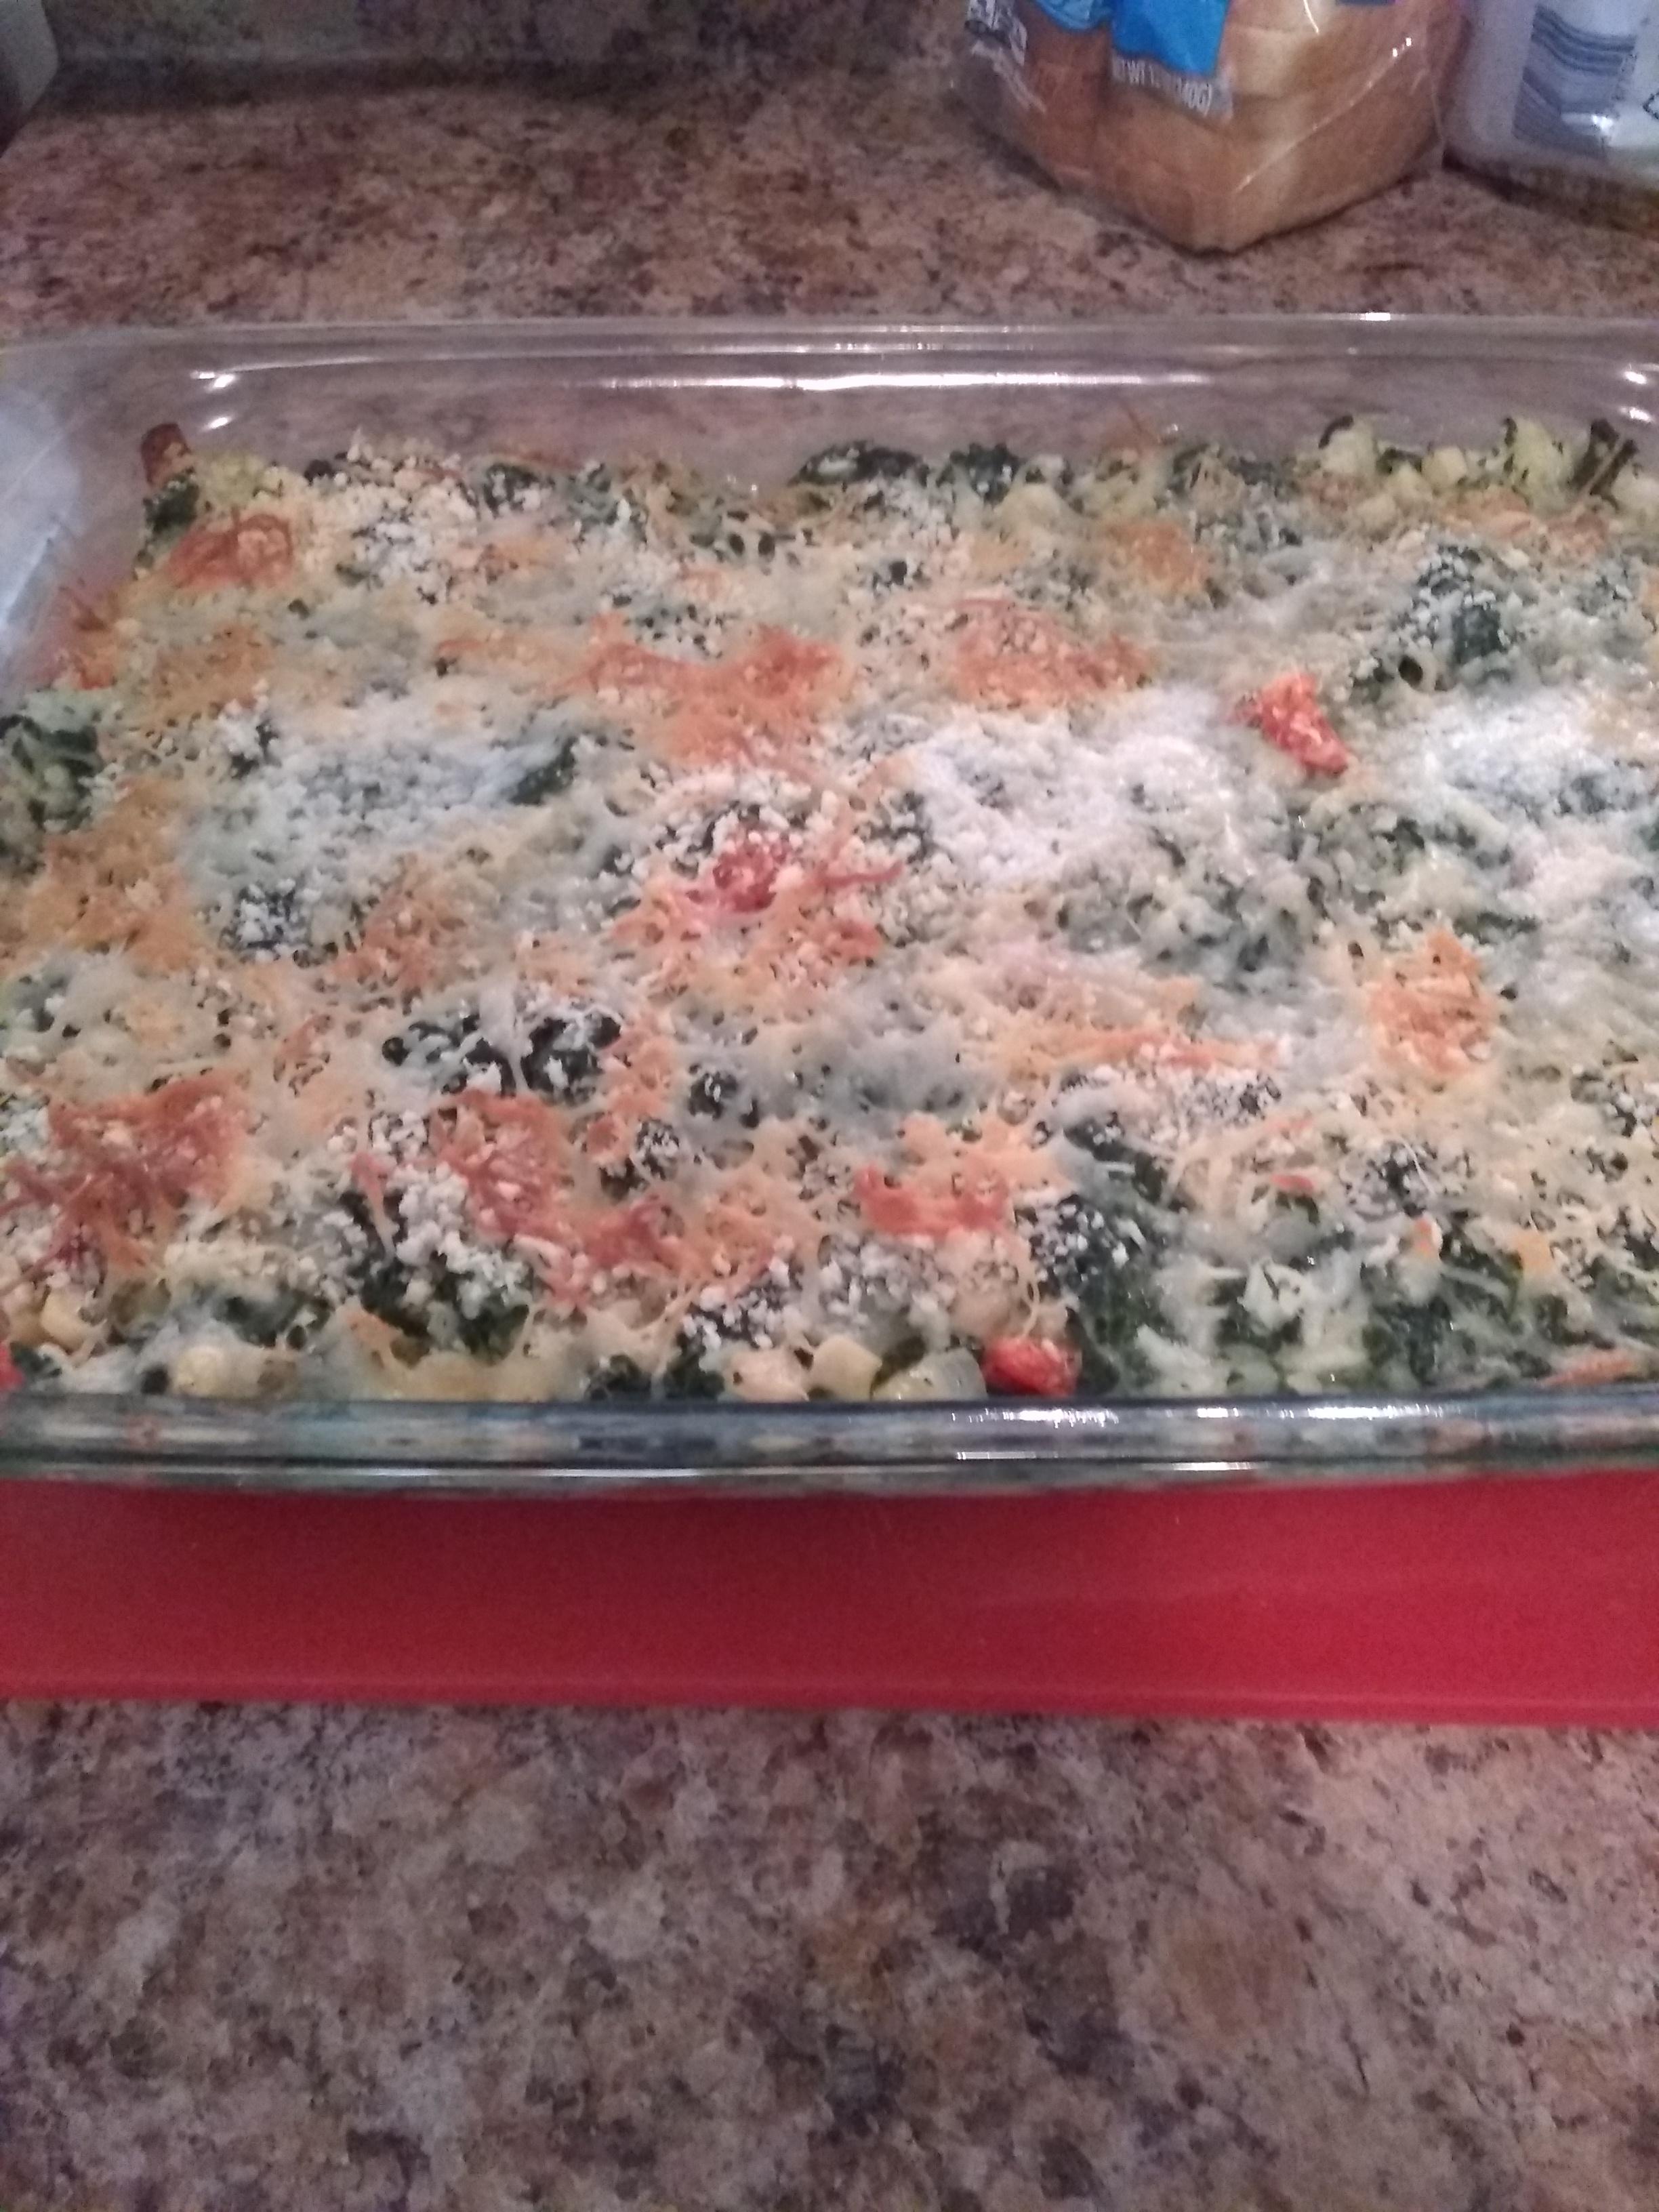 Spinach Veggie Casserole dayne drucker